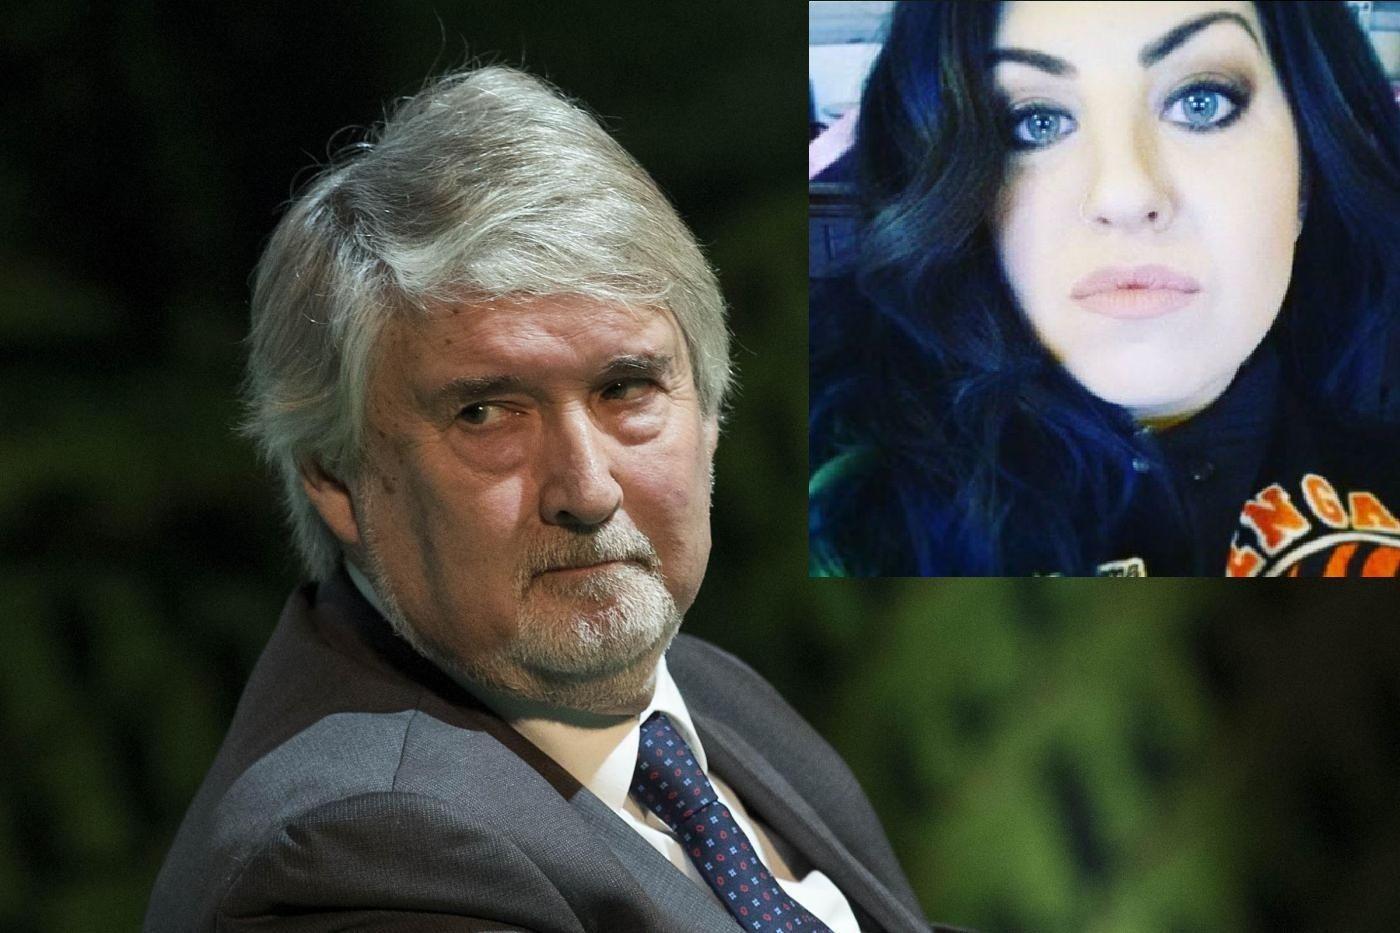 Lettera di Lara Lago al ministro Poletti dopo l'offesa ai cervelli in fuga